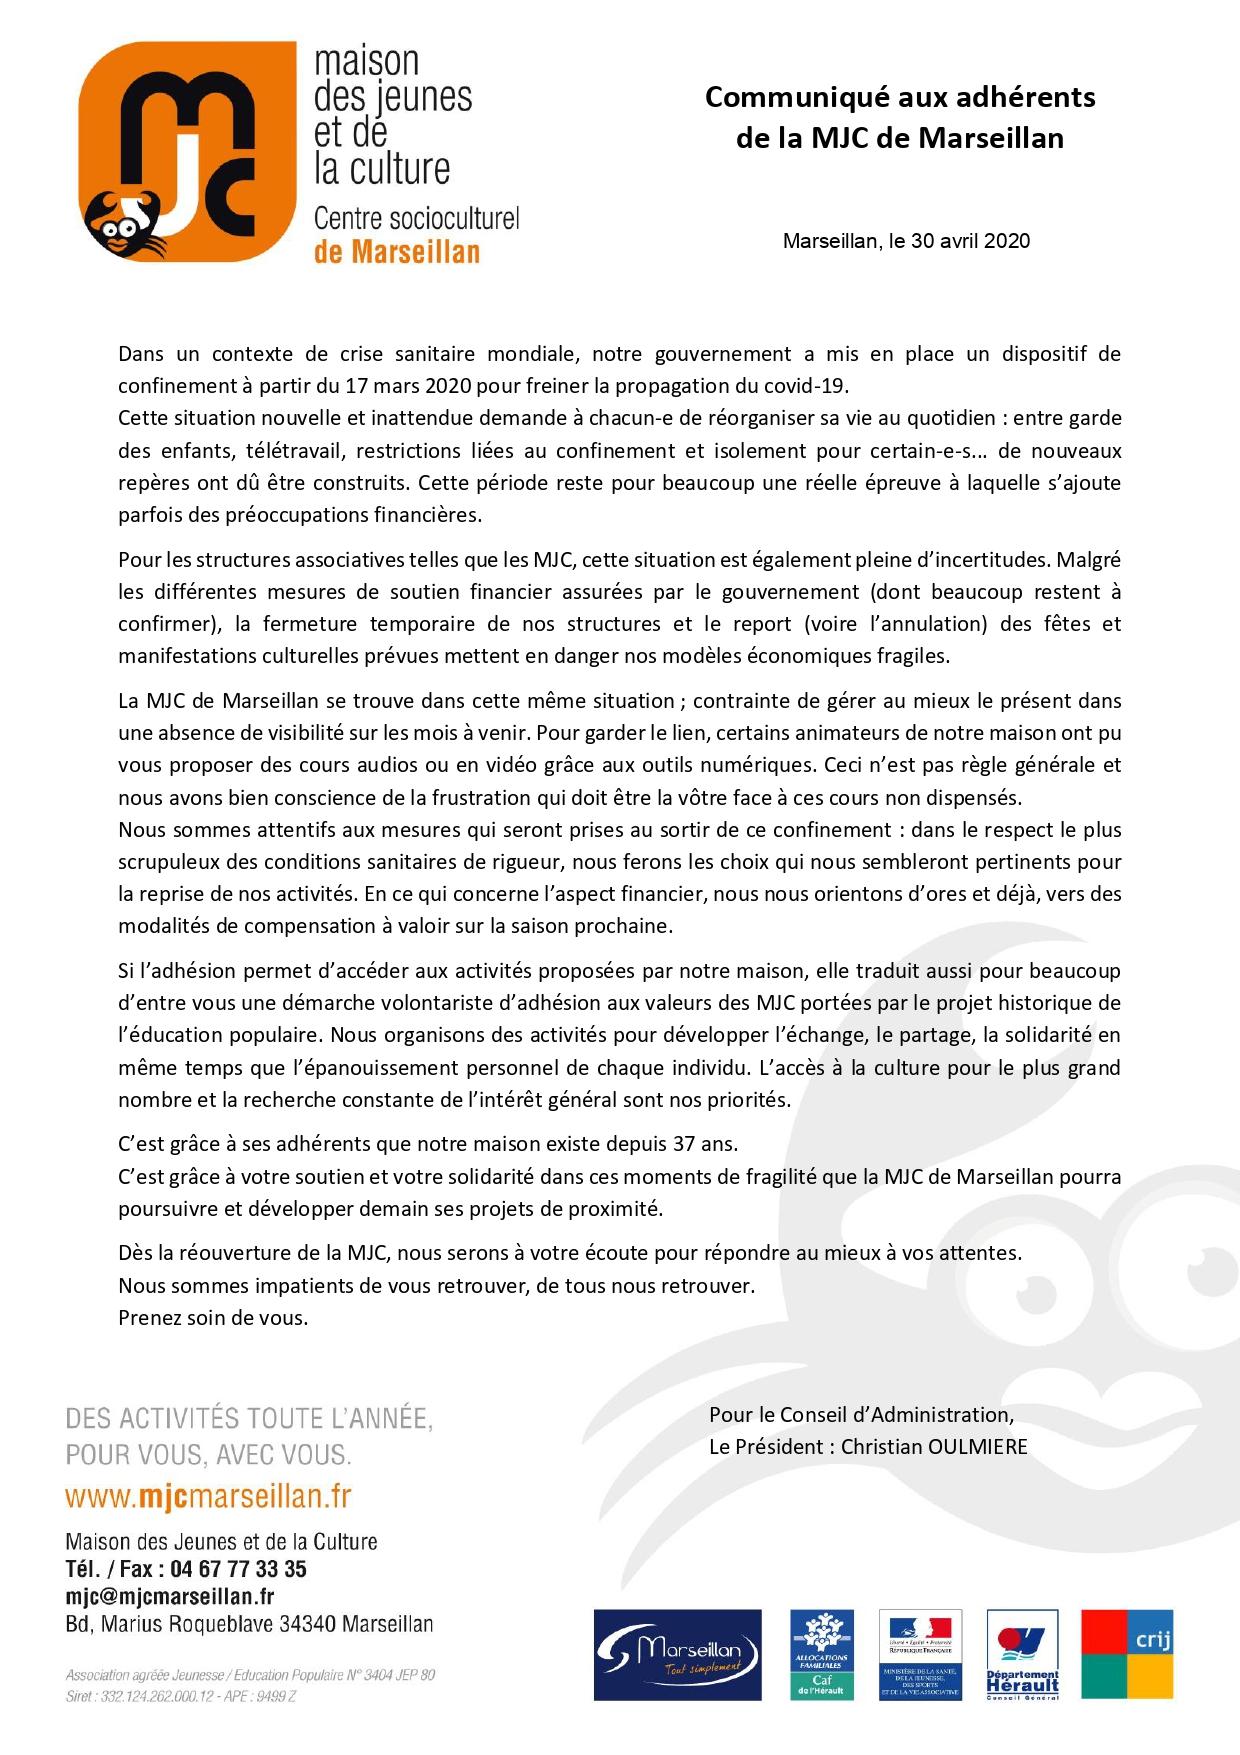 Communiqué aux adhérents de la MJC de Marseillan